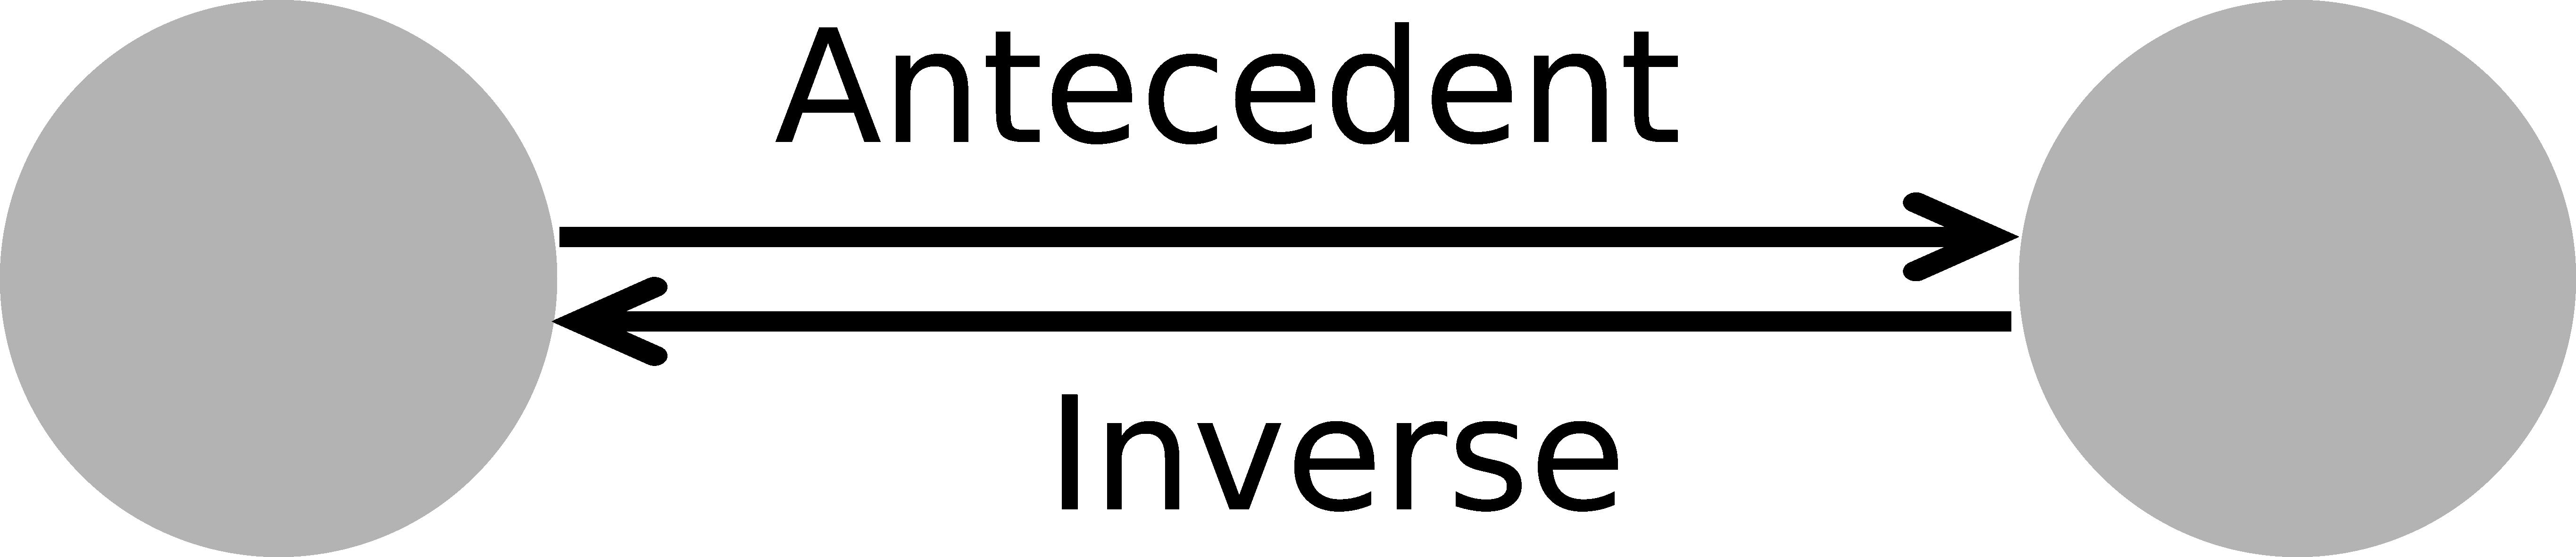 Abb. 4: Schematische Darstellung des                            Inverse-Axioms. [Eigene Darstellung, CC BY 4.0].